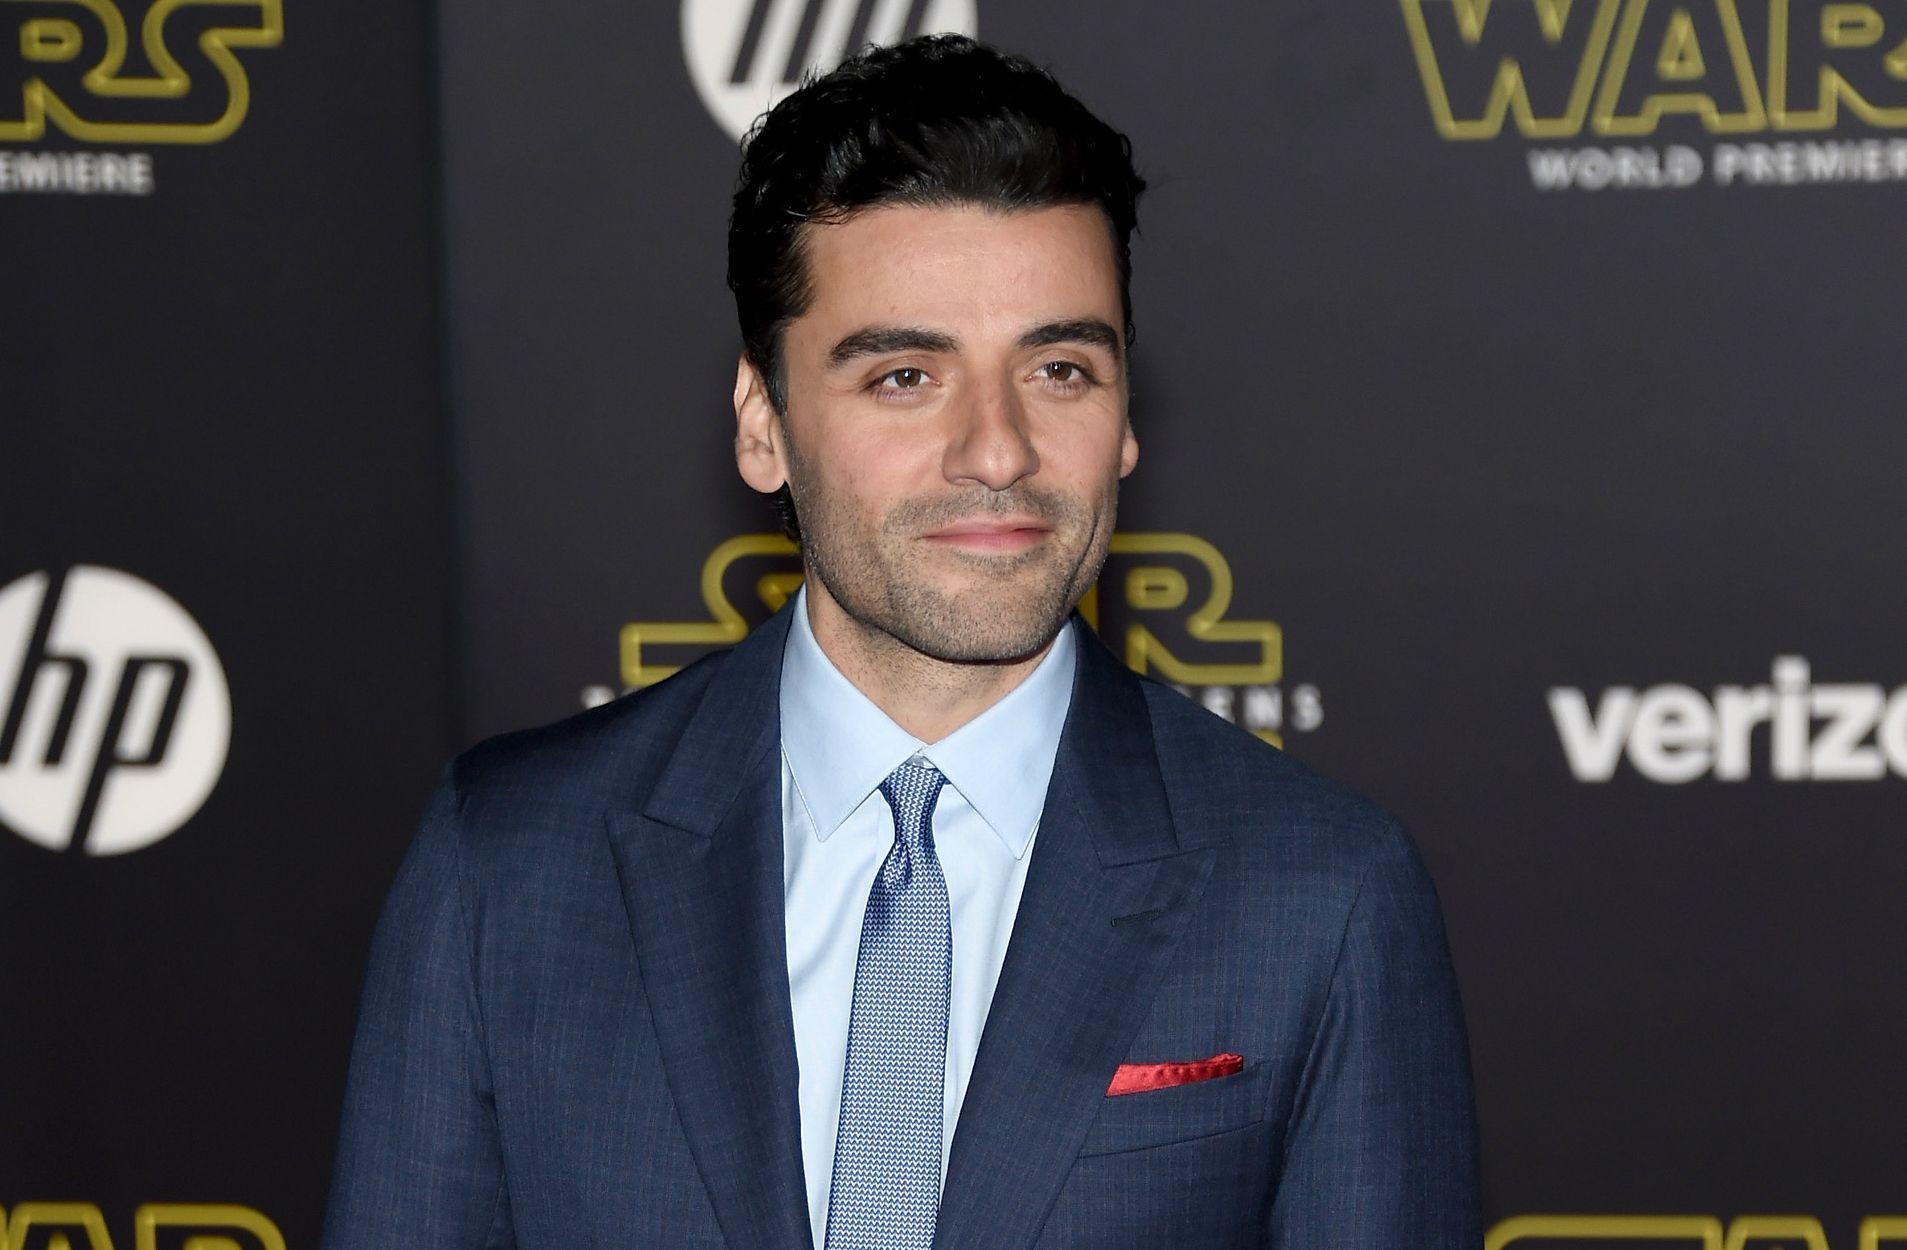 Oscar Isaac at Star Wars premiere